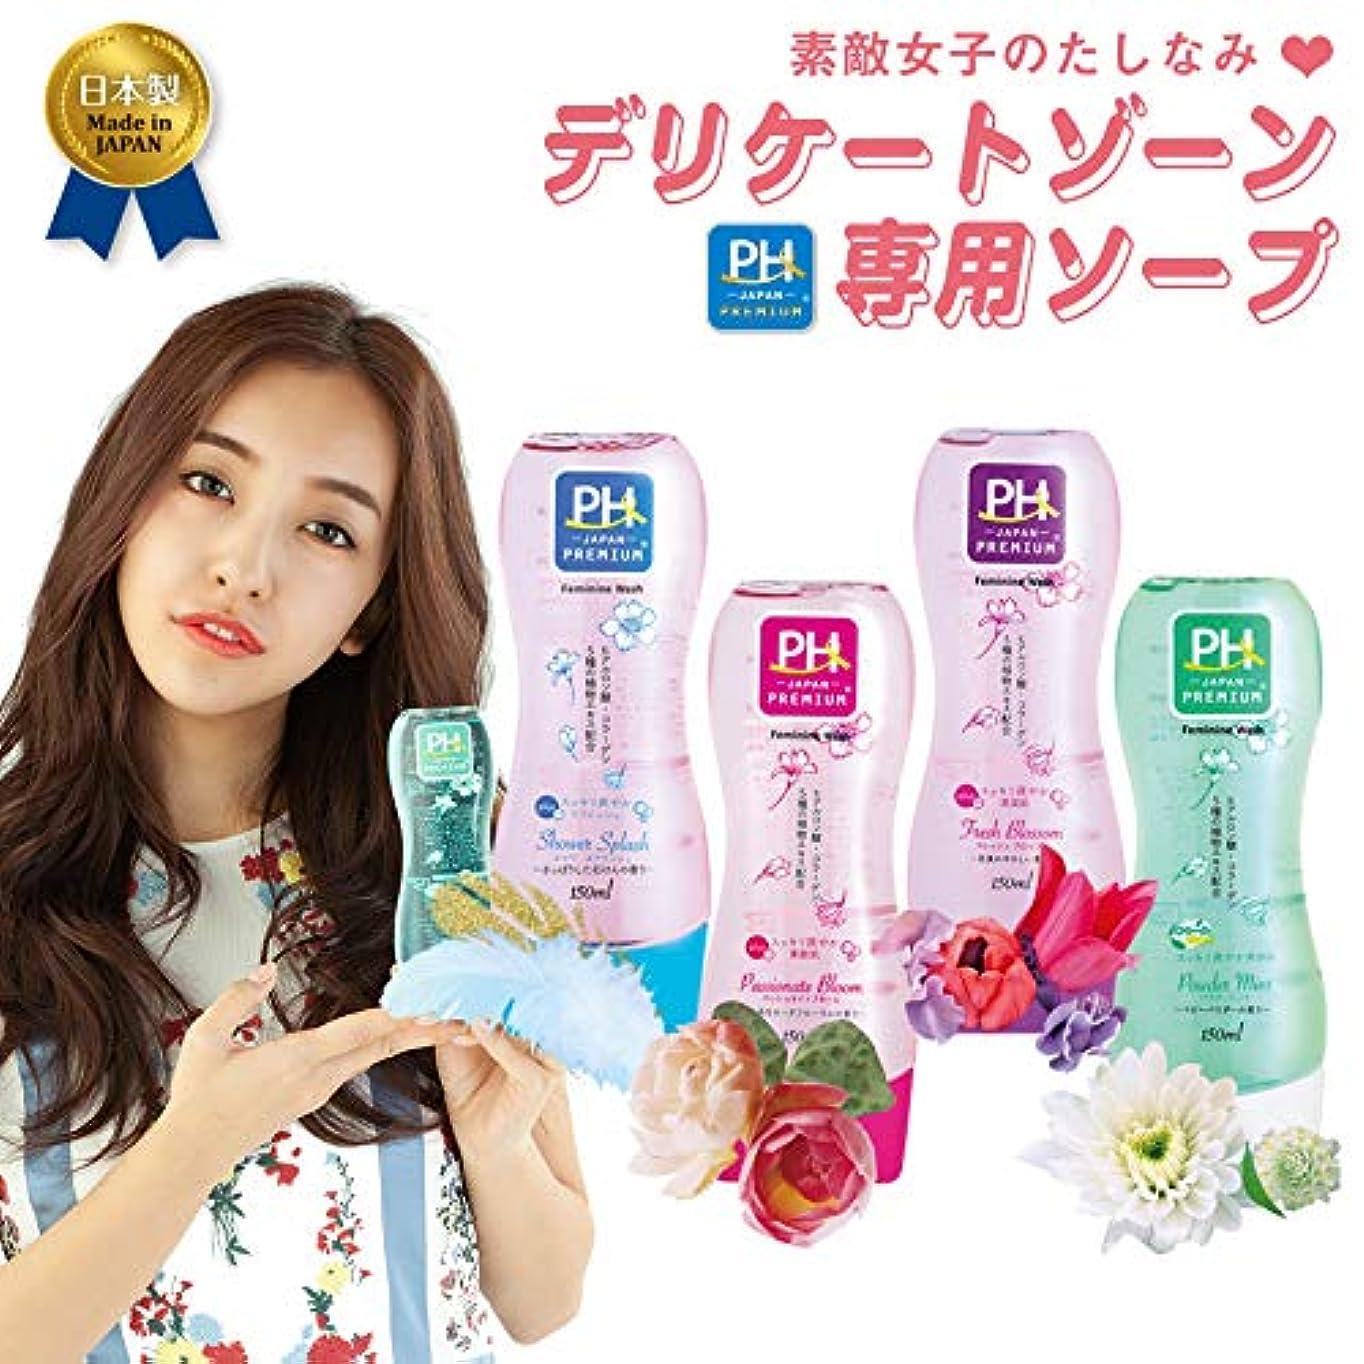 カップルちょっと待って五月シャワースプラッシュ4本セット PH JAPAN フェミニンウォッシュ